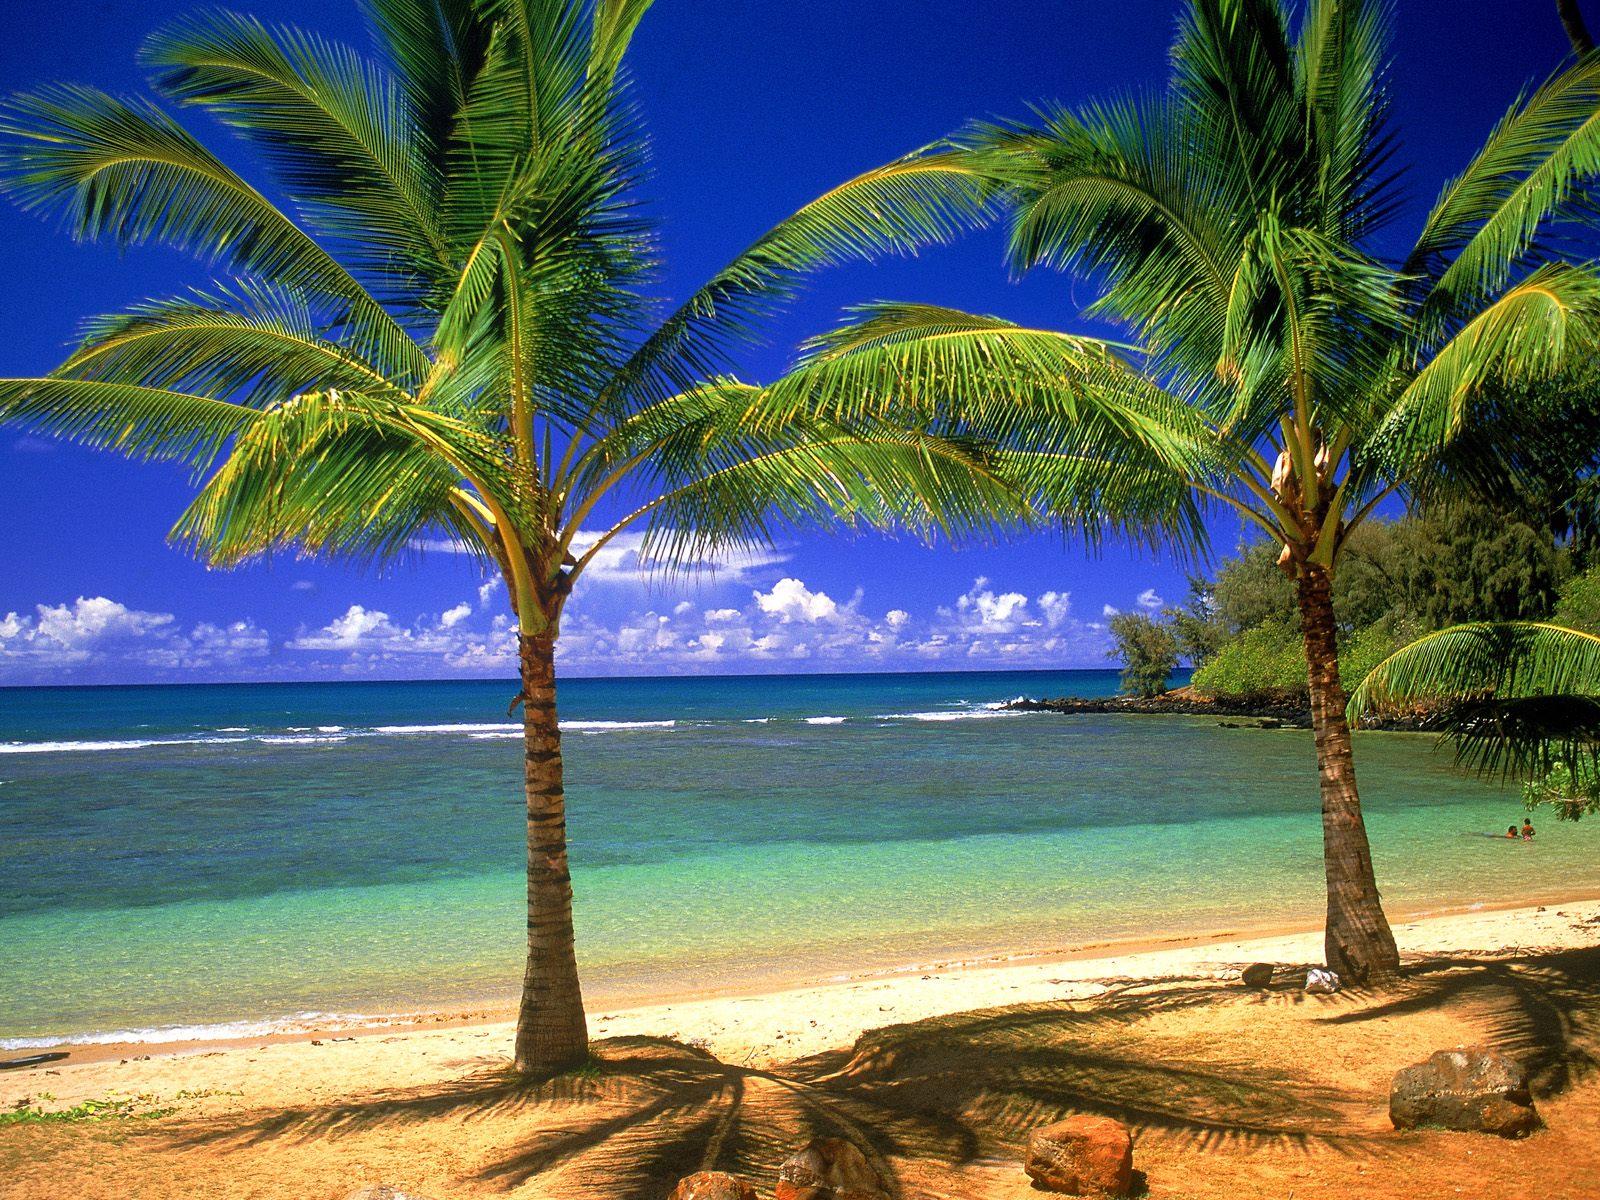 46 Free Wallpaper Tropical Scenes On Wallpapersafari